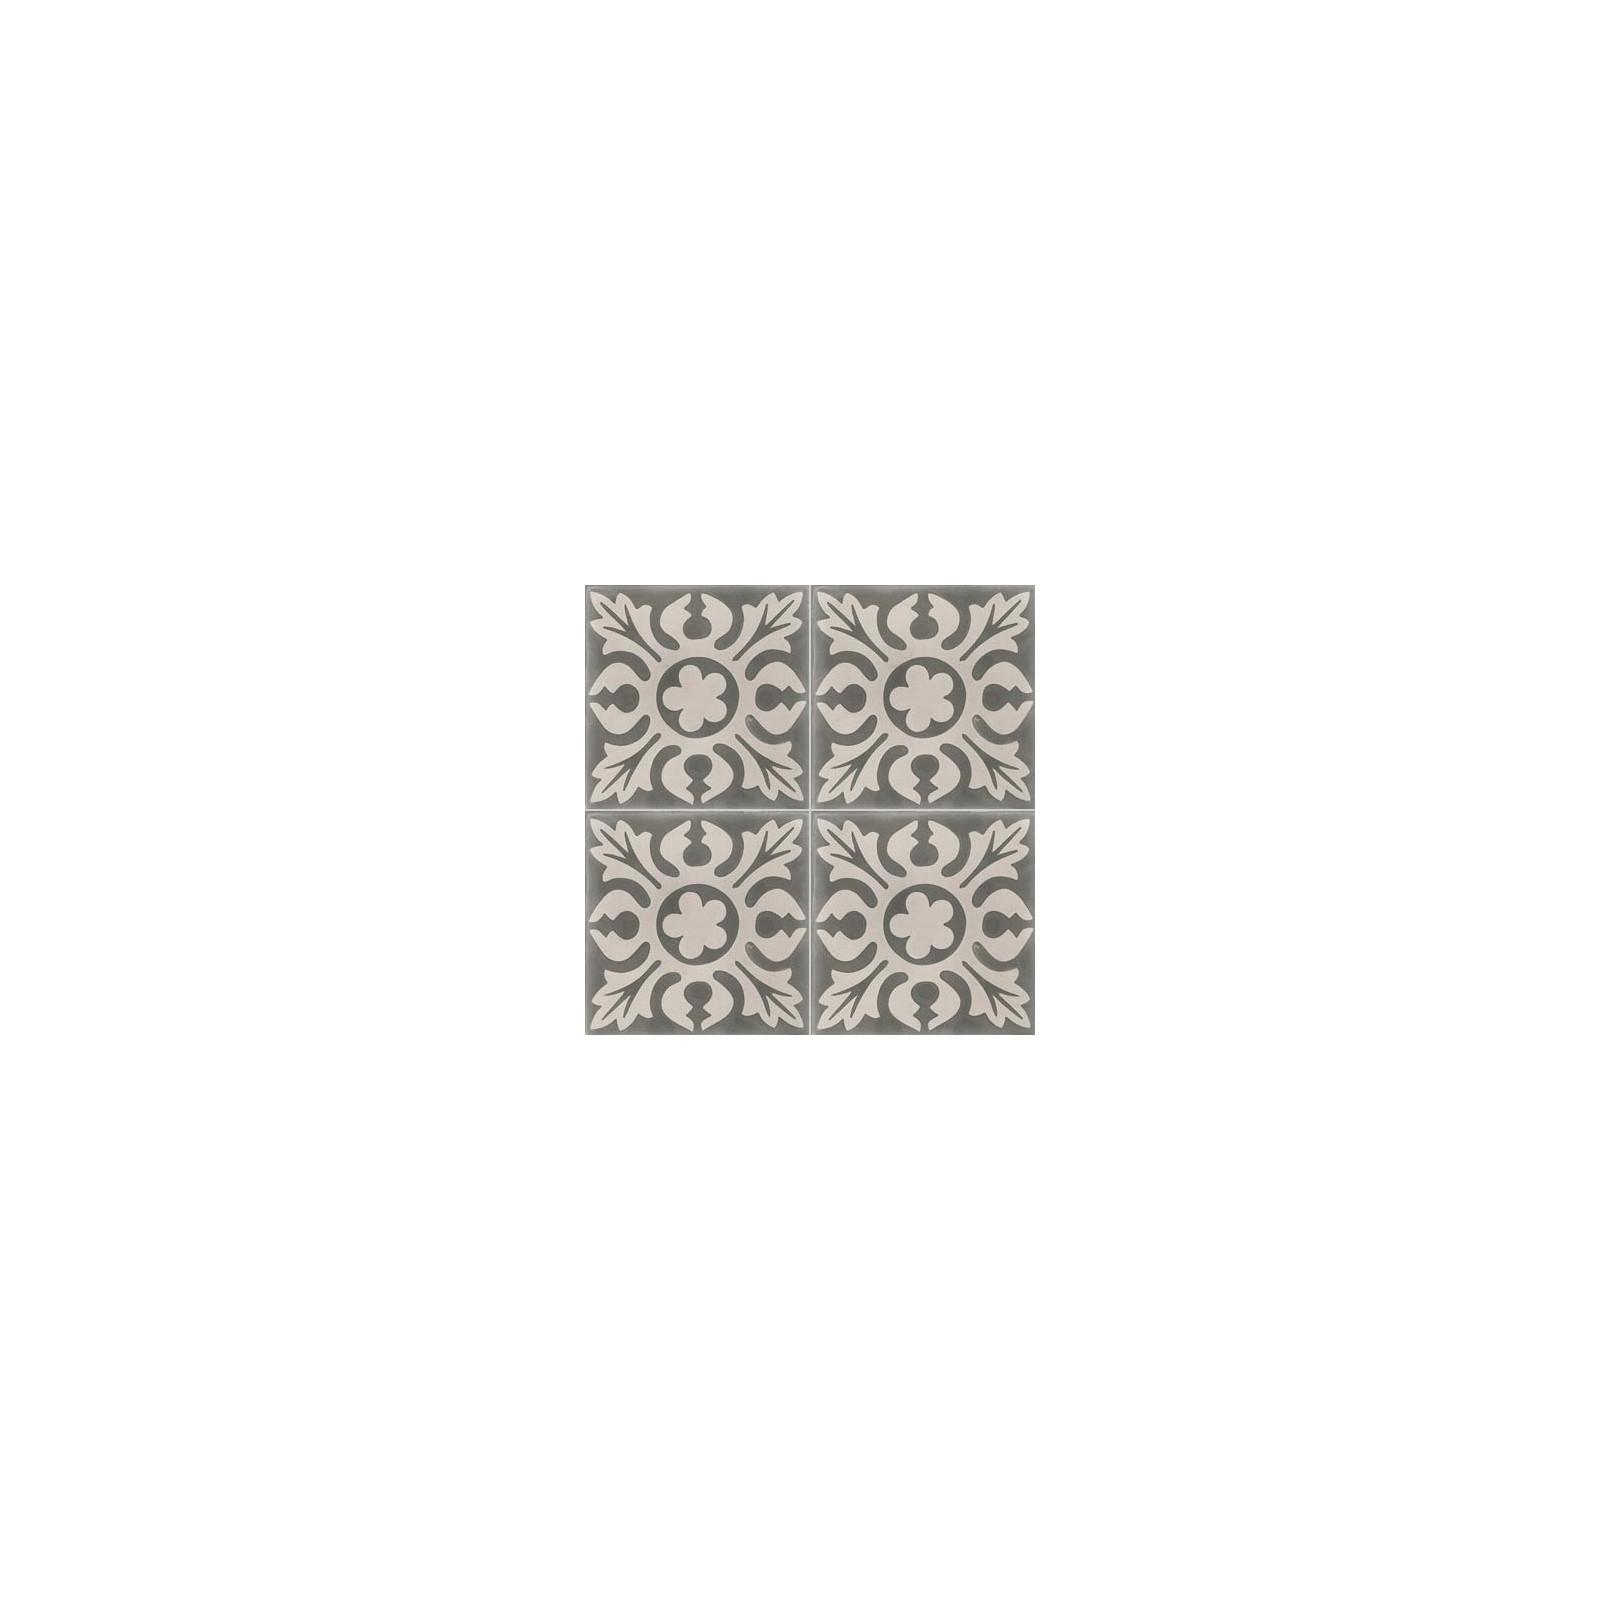 carreau de ciment color motif gris clair et gris fonc cof 12 casalux home design. Black Bedroom Furniture Sets. Home Design Ideas